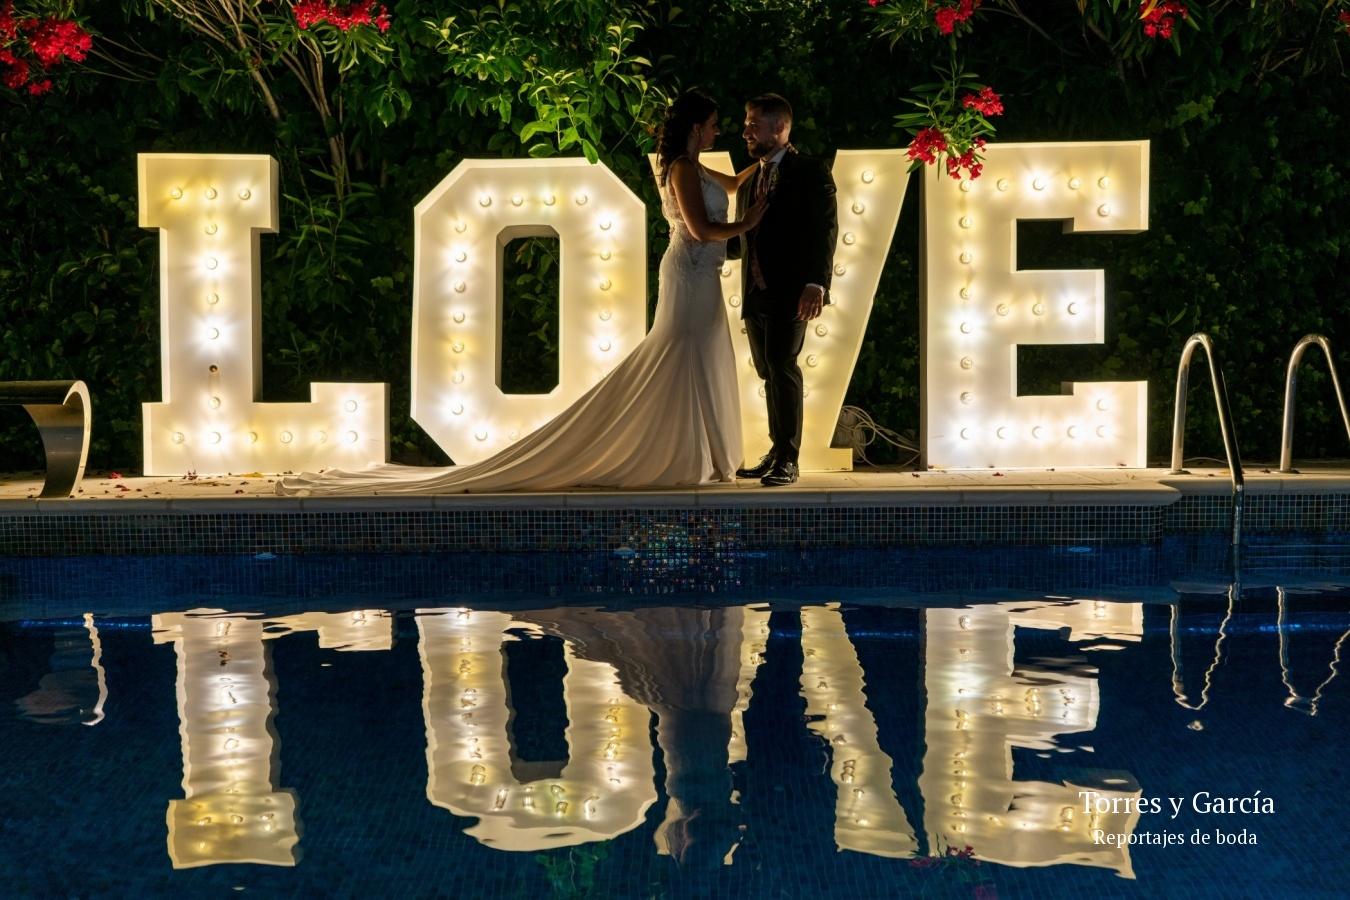 reflejo del letrero love en el jardín del palacete - Fotografías - Libros y reportajes de boda diferentes.